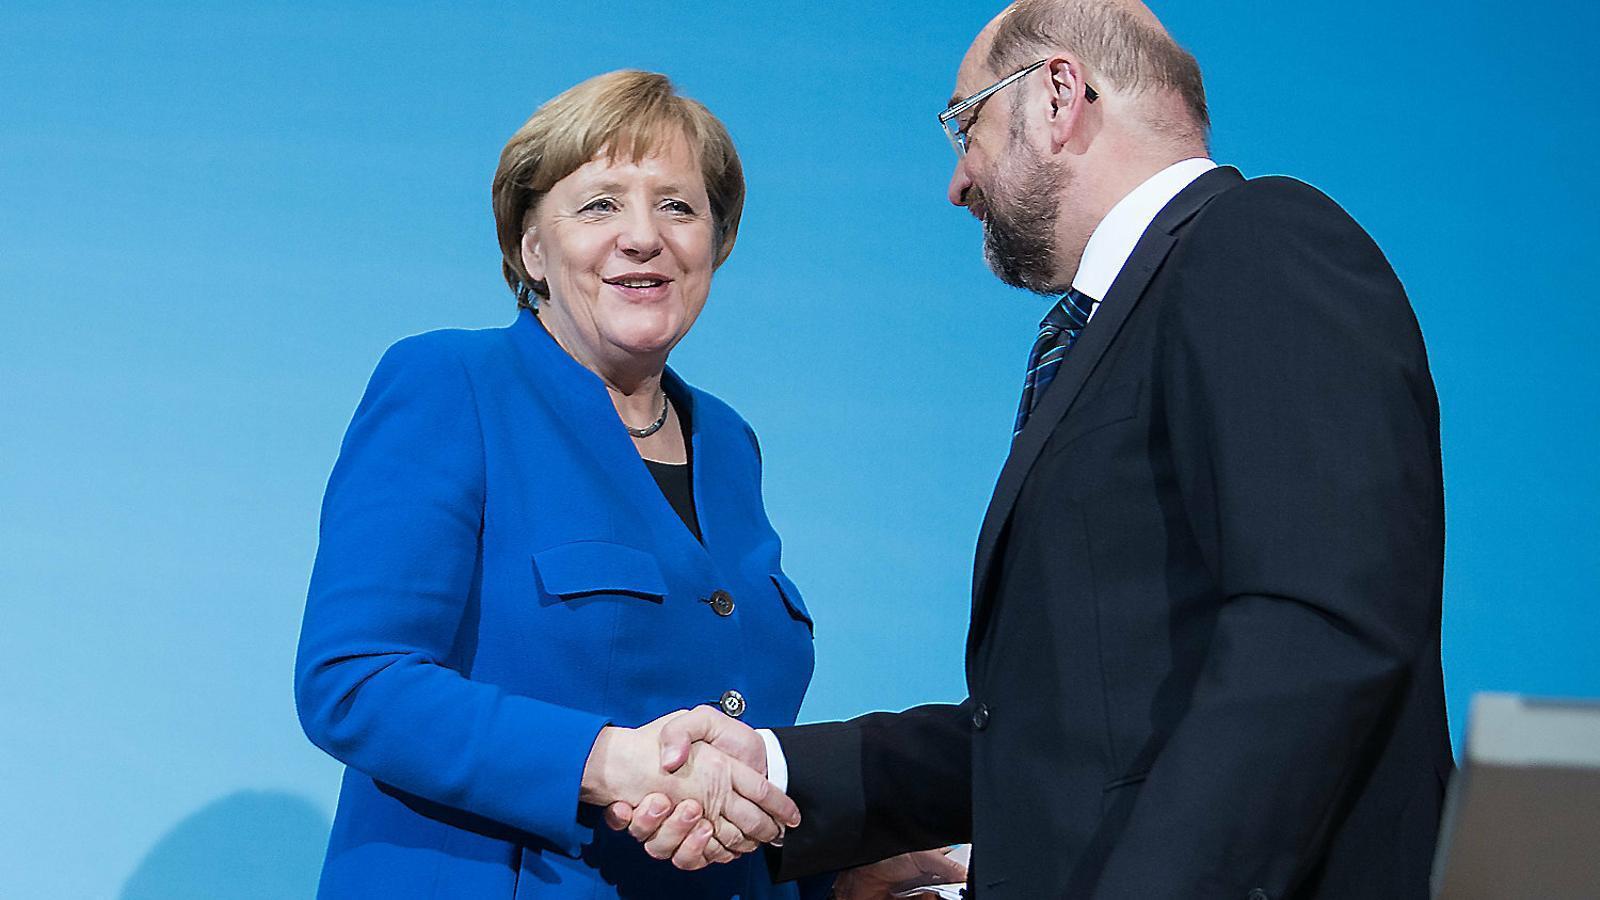 Angela Merkel (CDU) amb Martin Schulz (PSD) tancant el pacte de coalició a Alemanya del 2018.